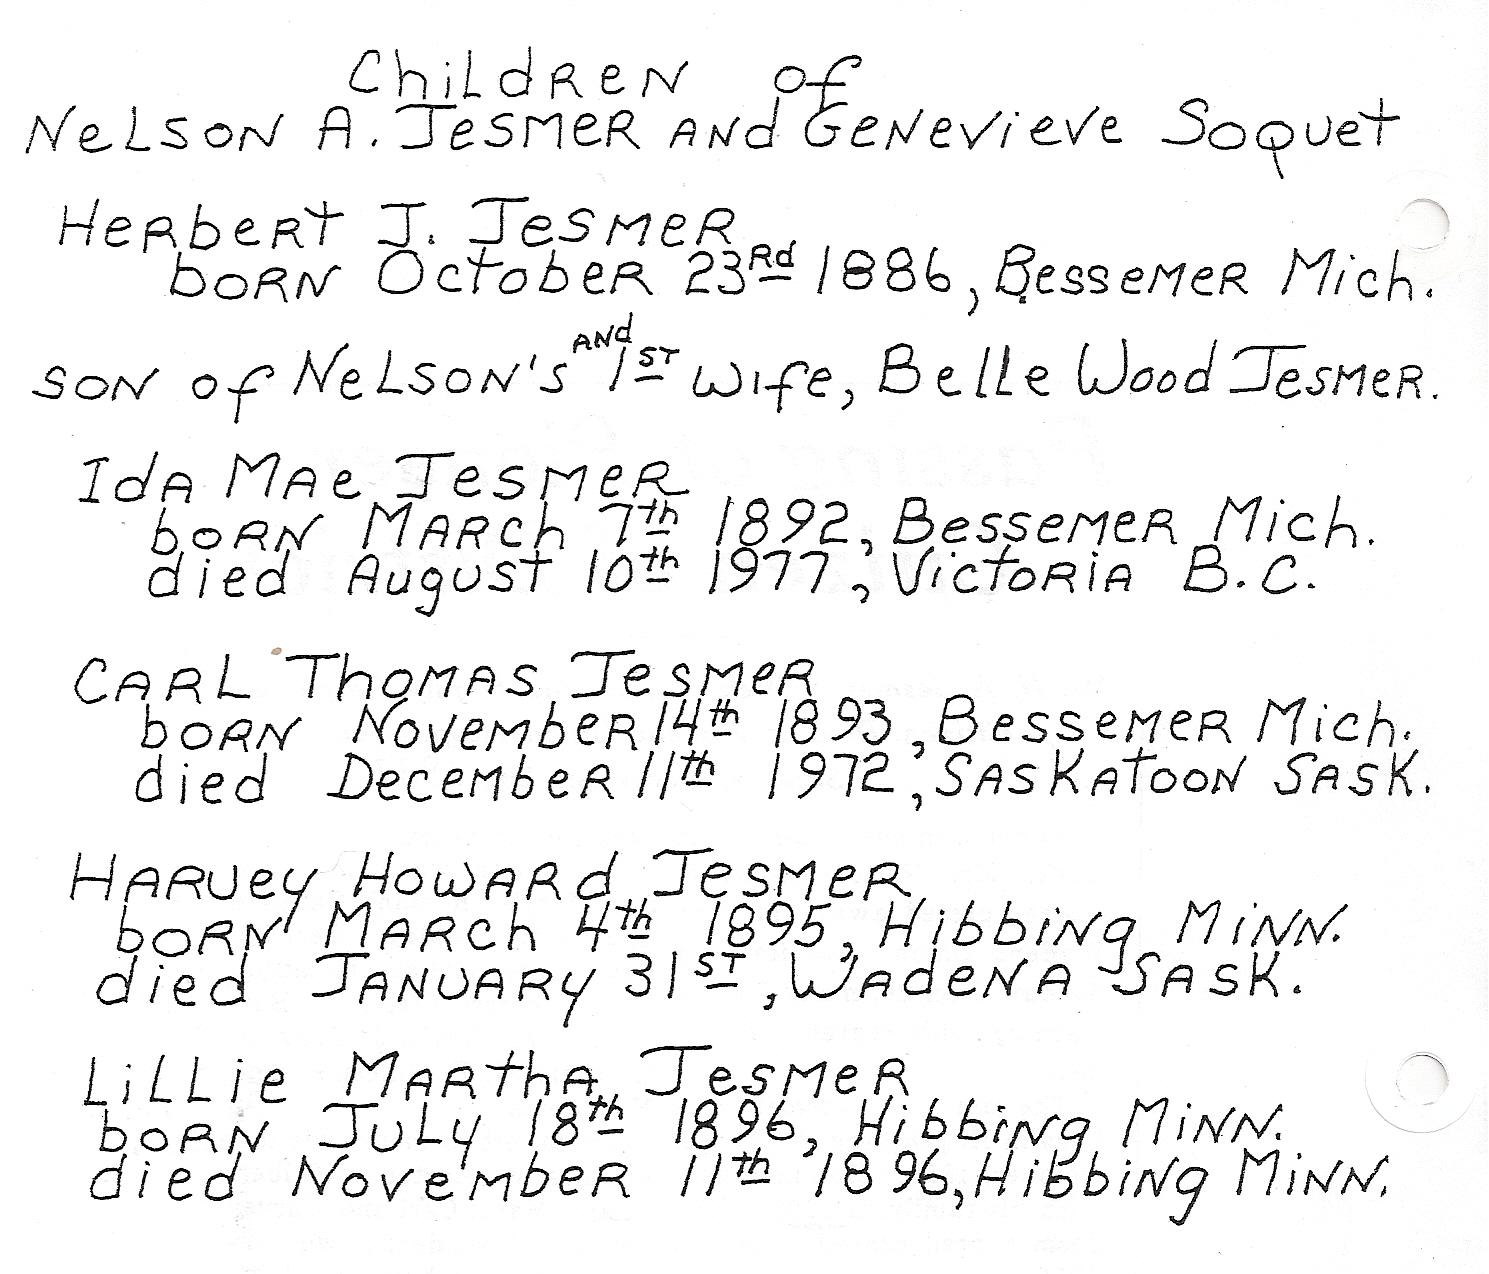 Children of Nelson A Jesmer - a list